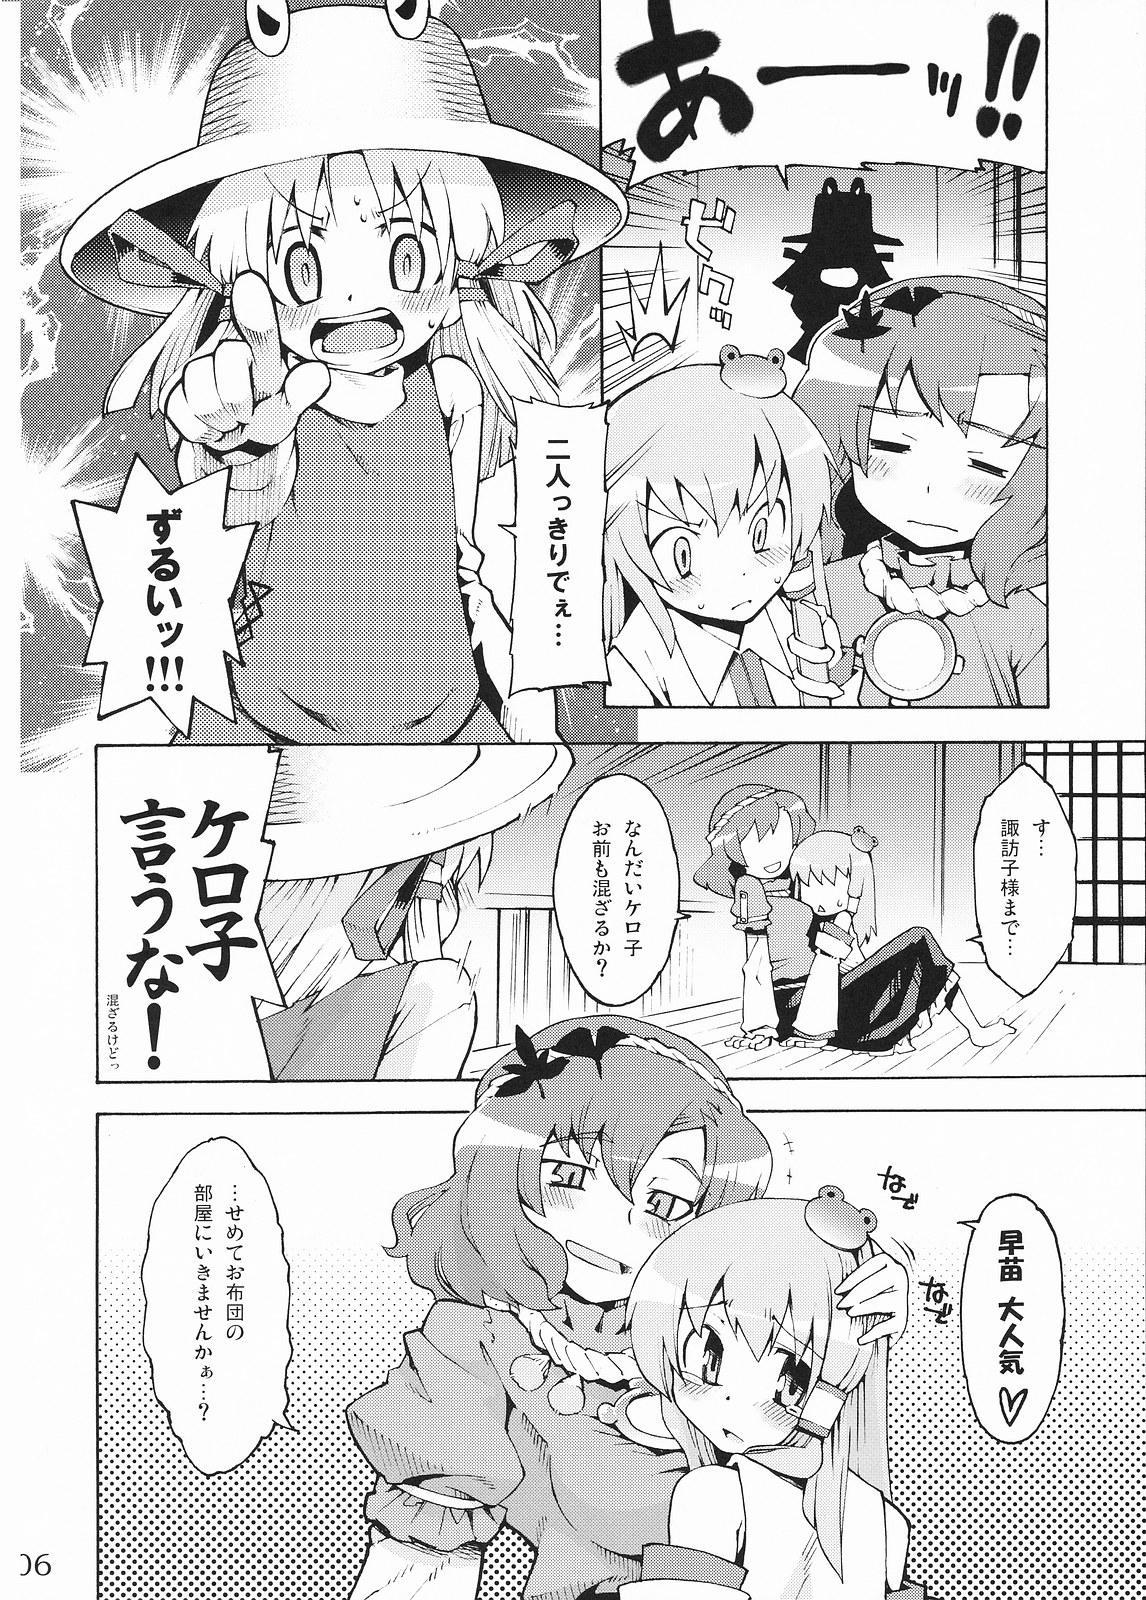 Kami-sama to Issho! Happy every day! 5